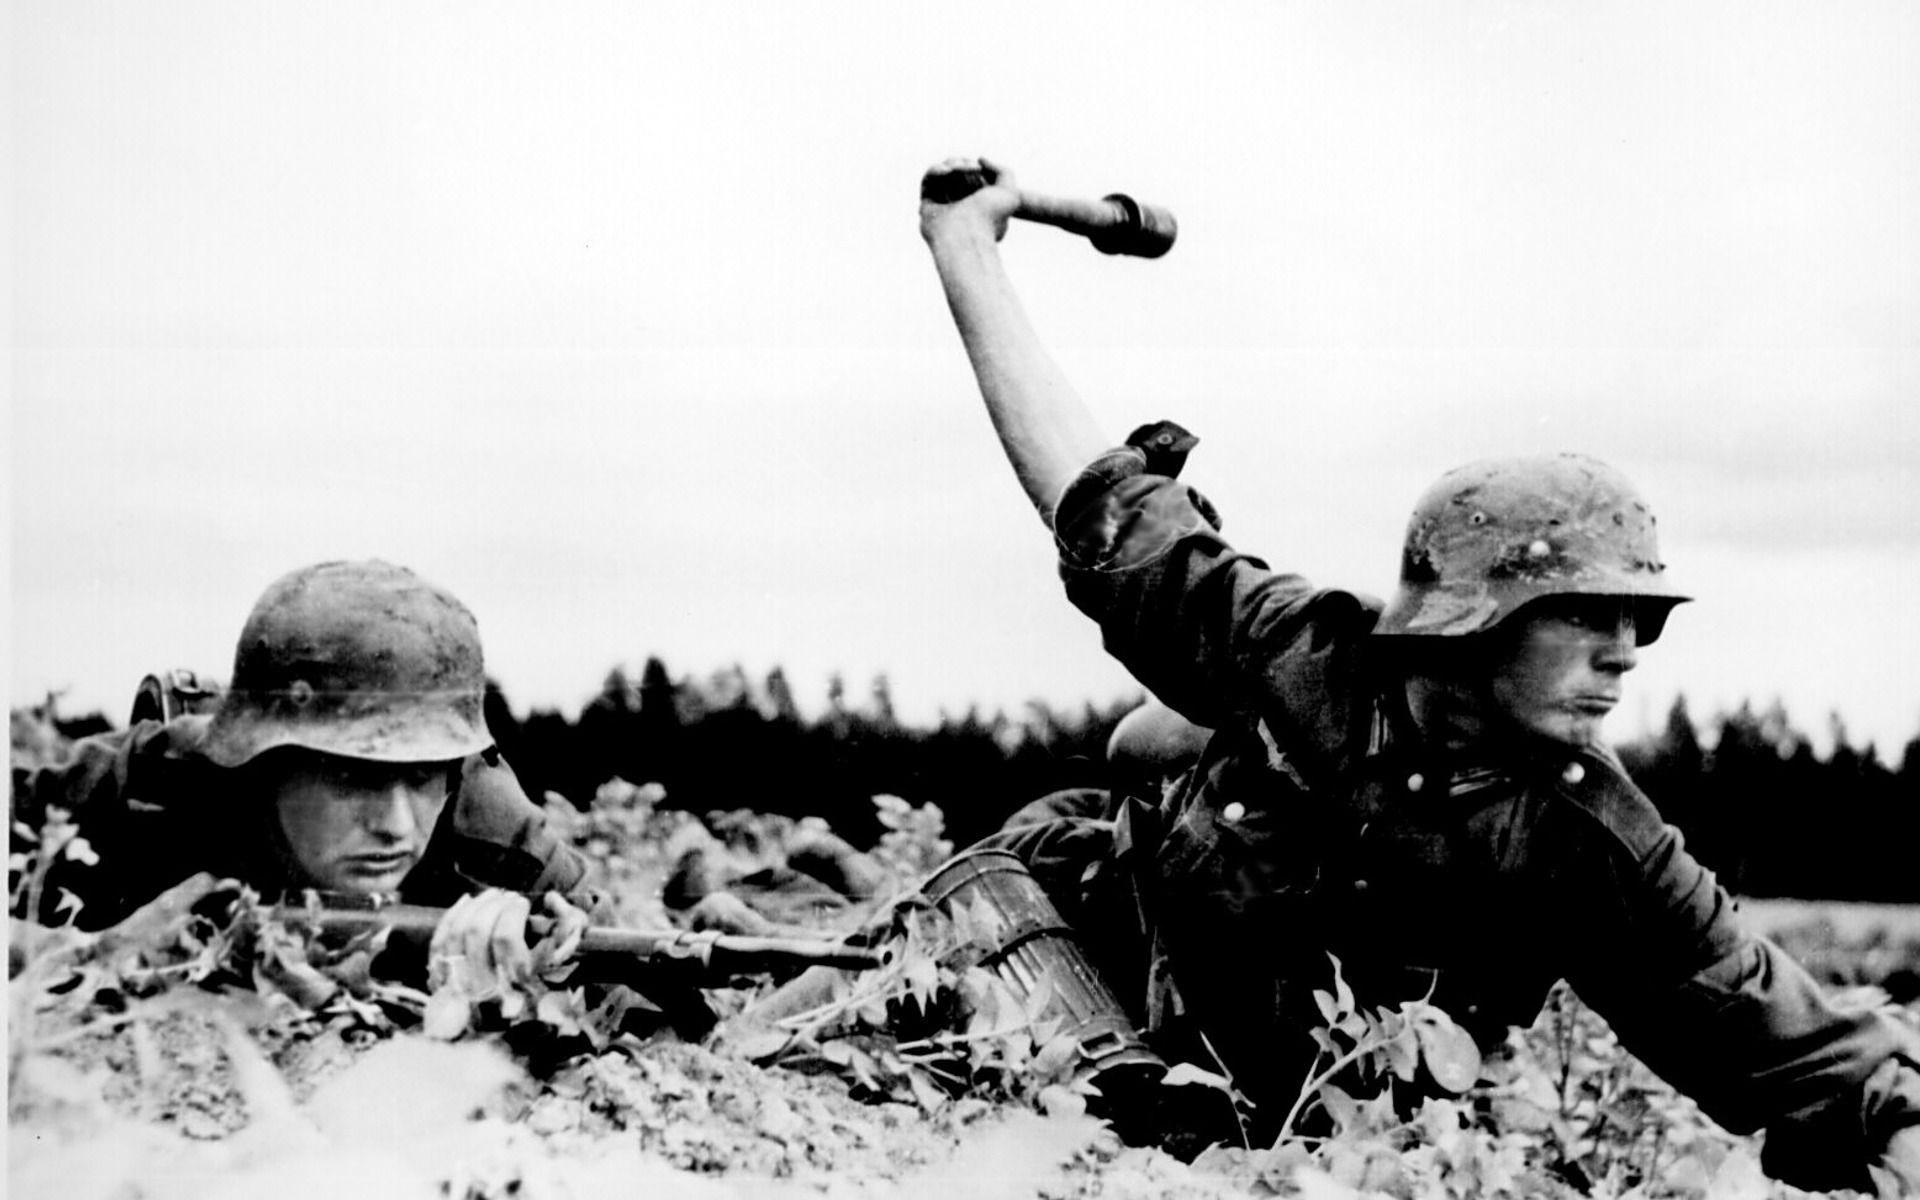 widescreen wallpaper grenade, 223 kB – Paxton Smith